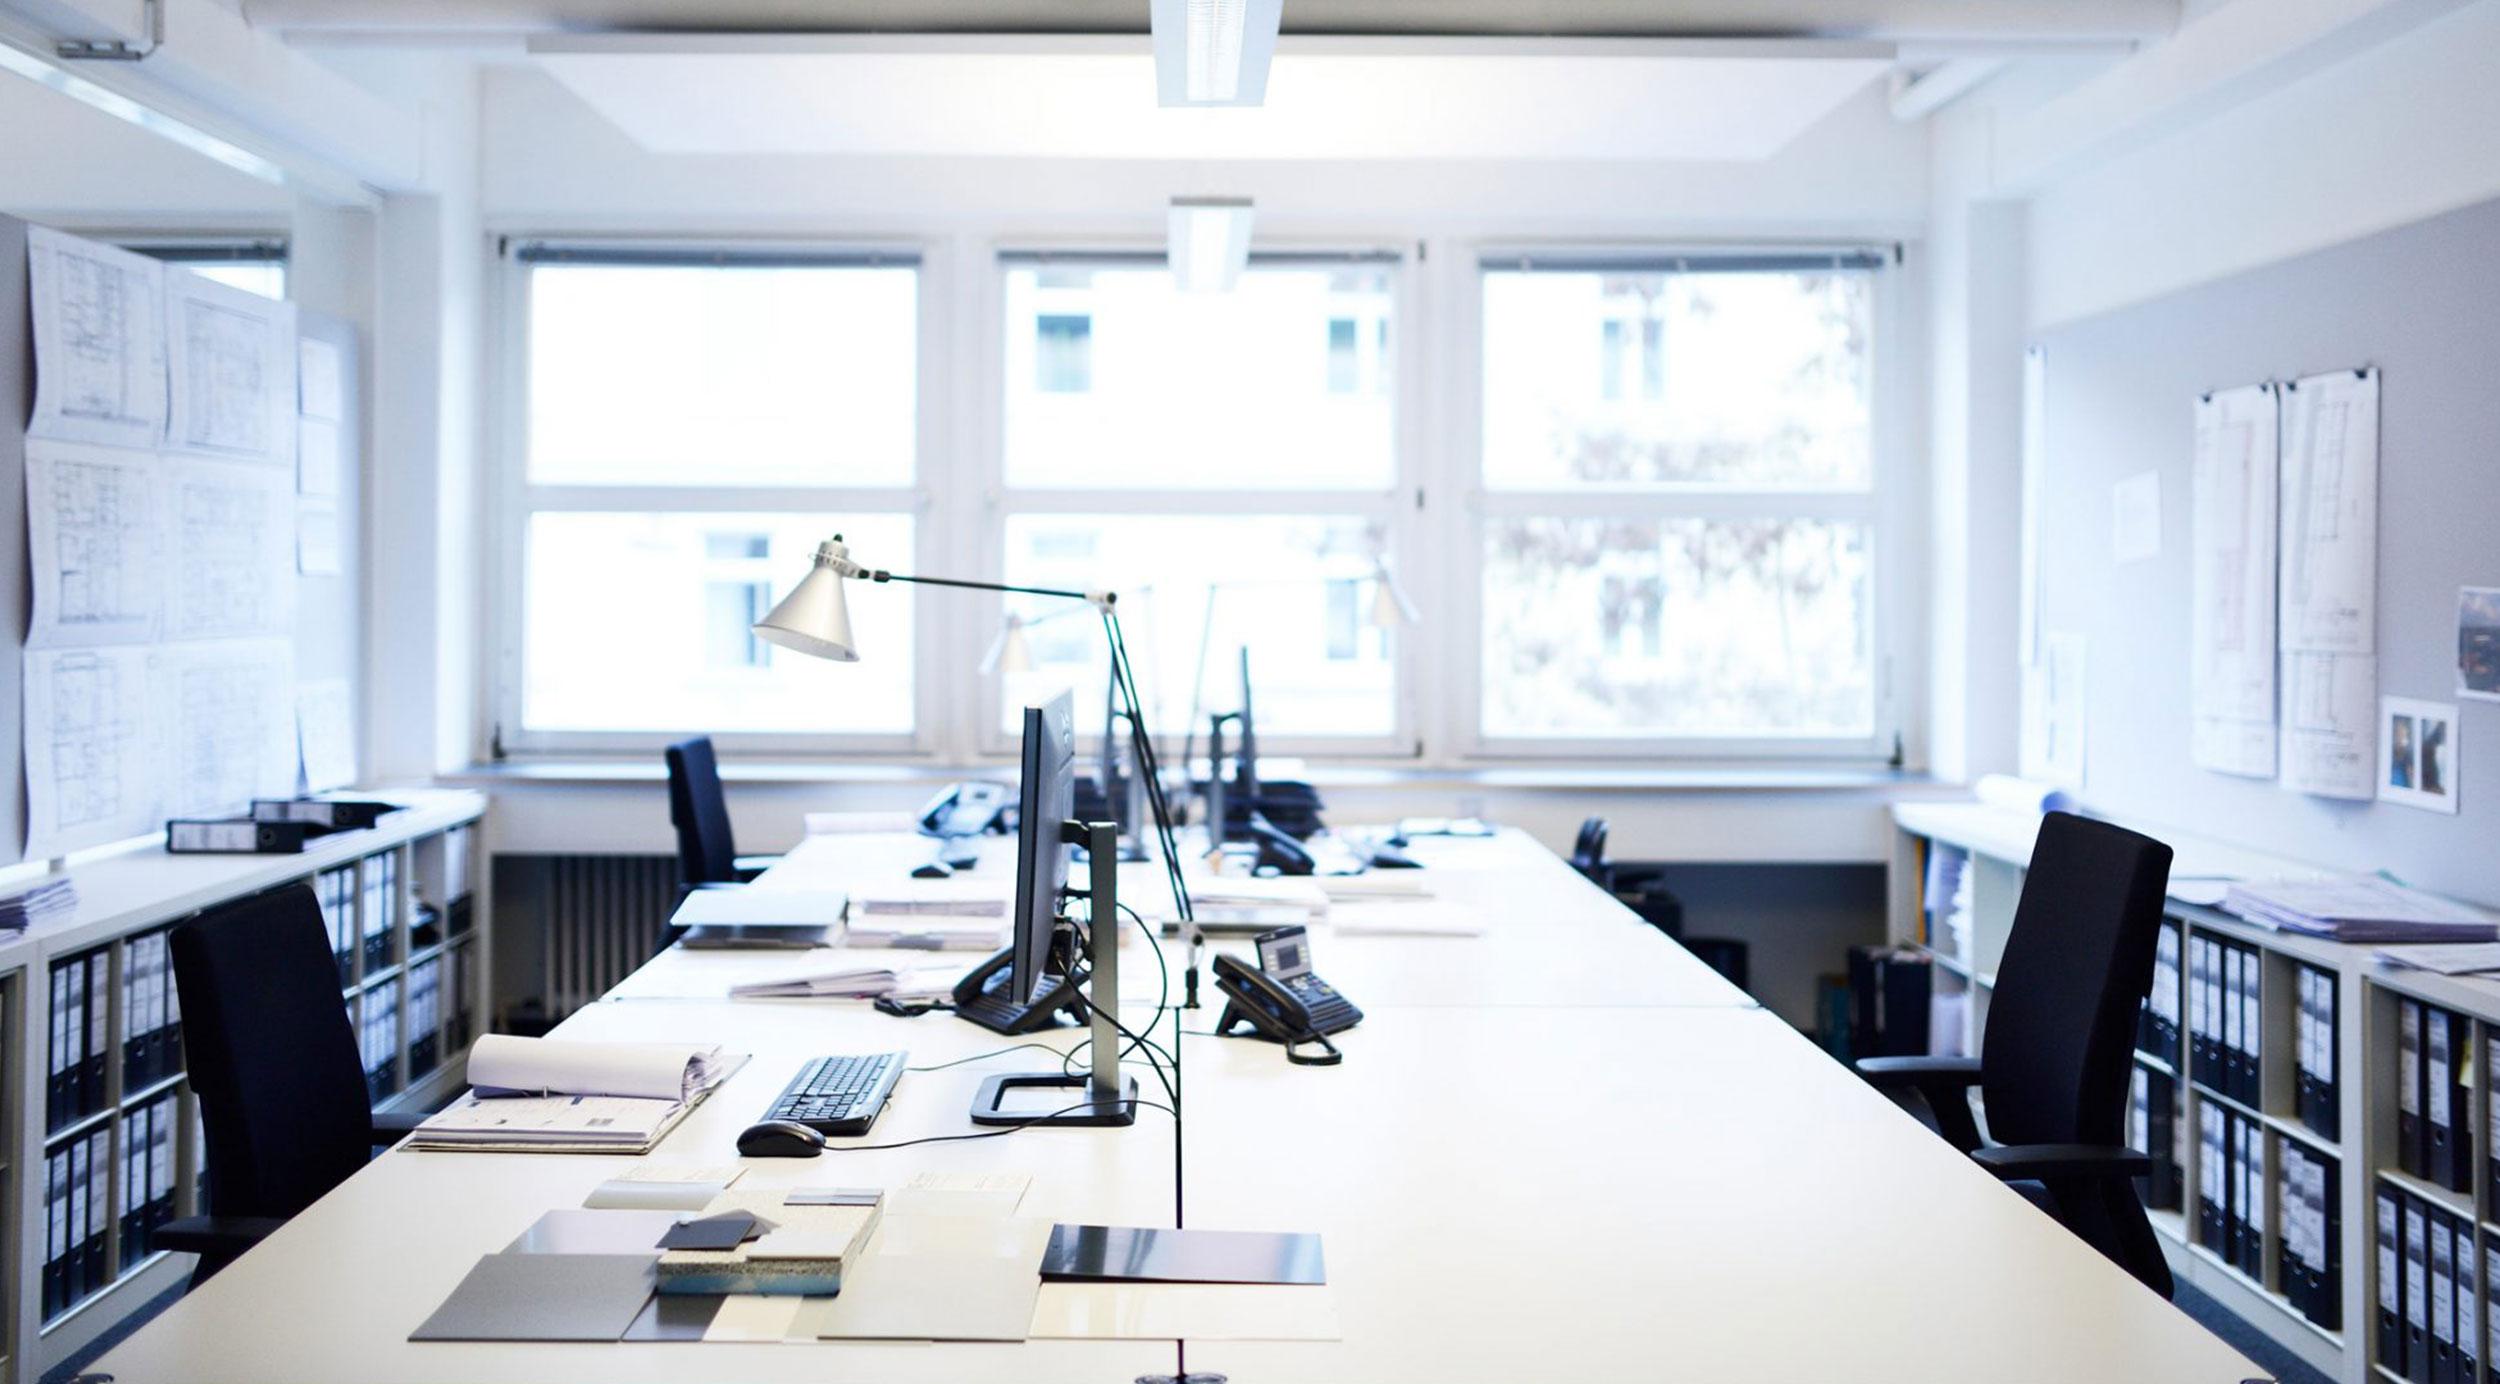 Projekt Webdesign München - Doranth Post Architekten